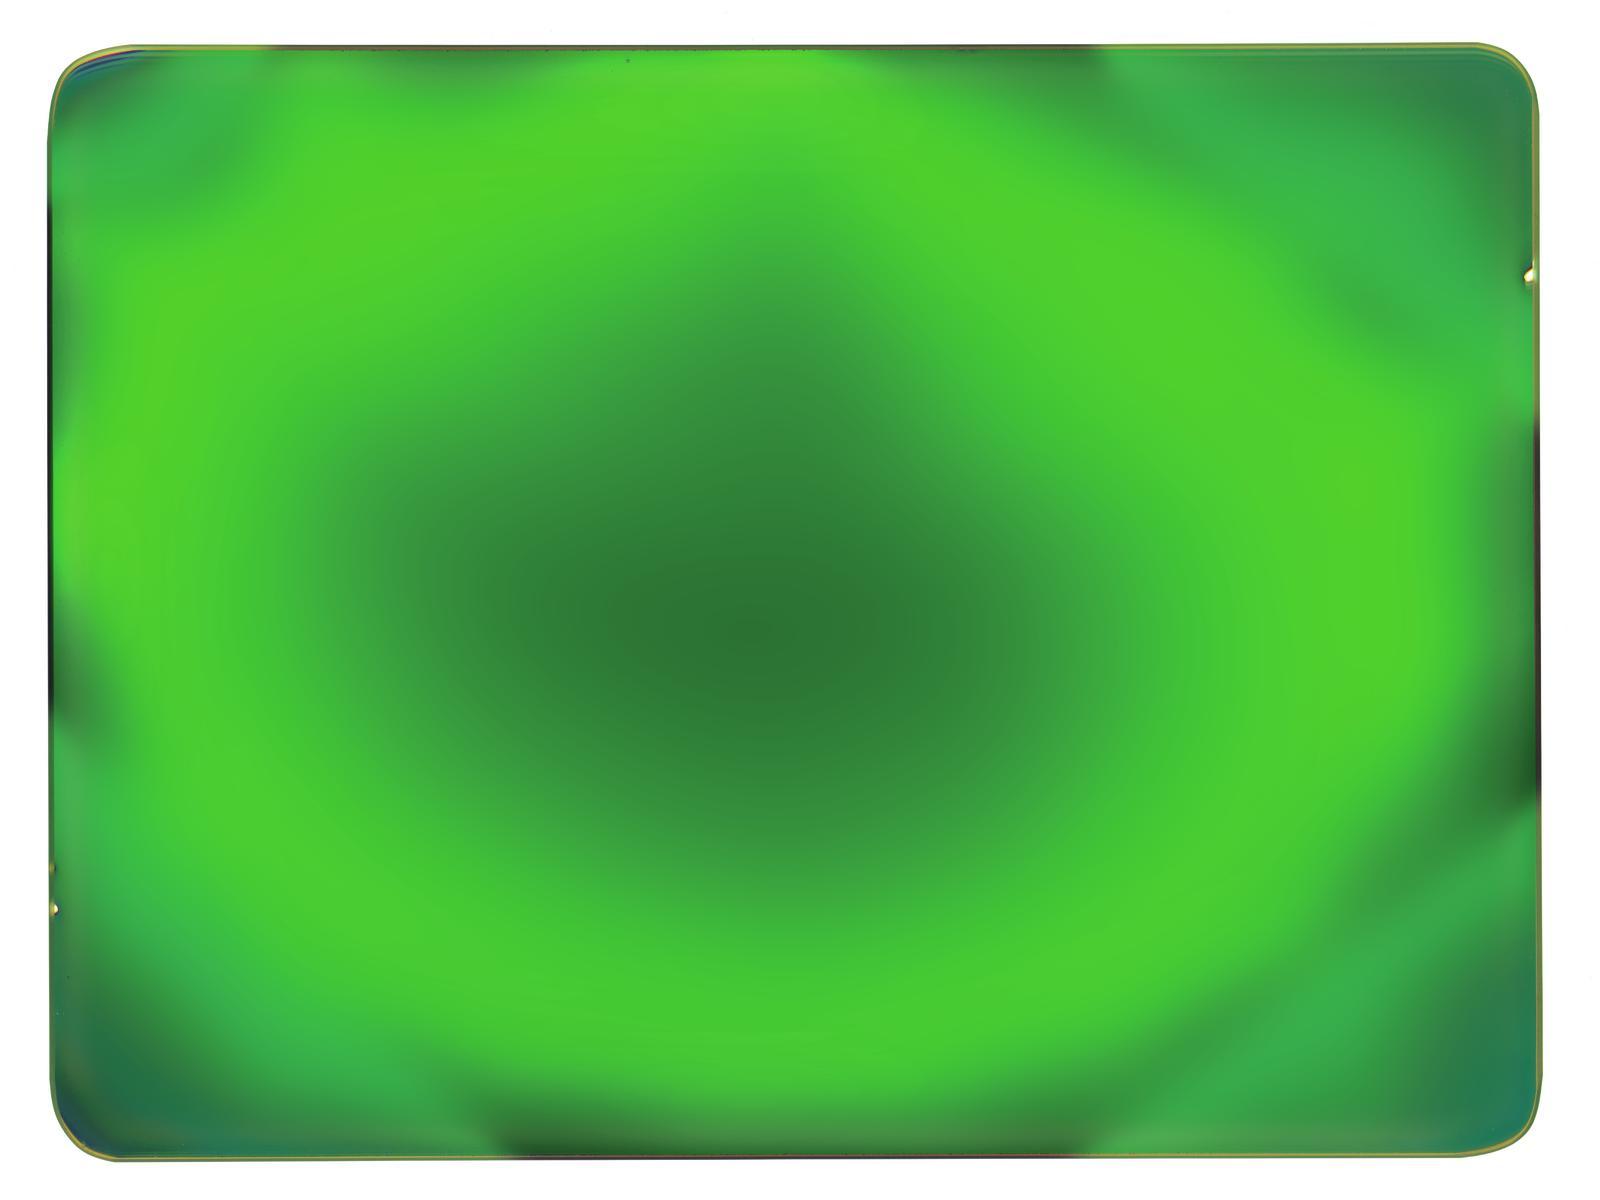 EUROLITE Dichro-filtro verde, 258x185x3mm, chiaro